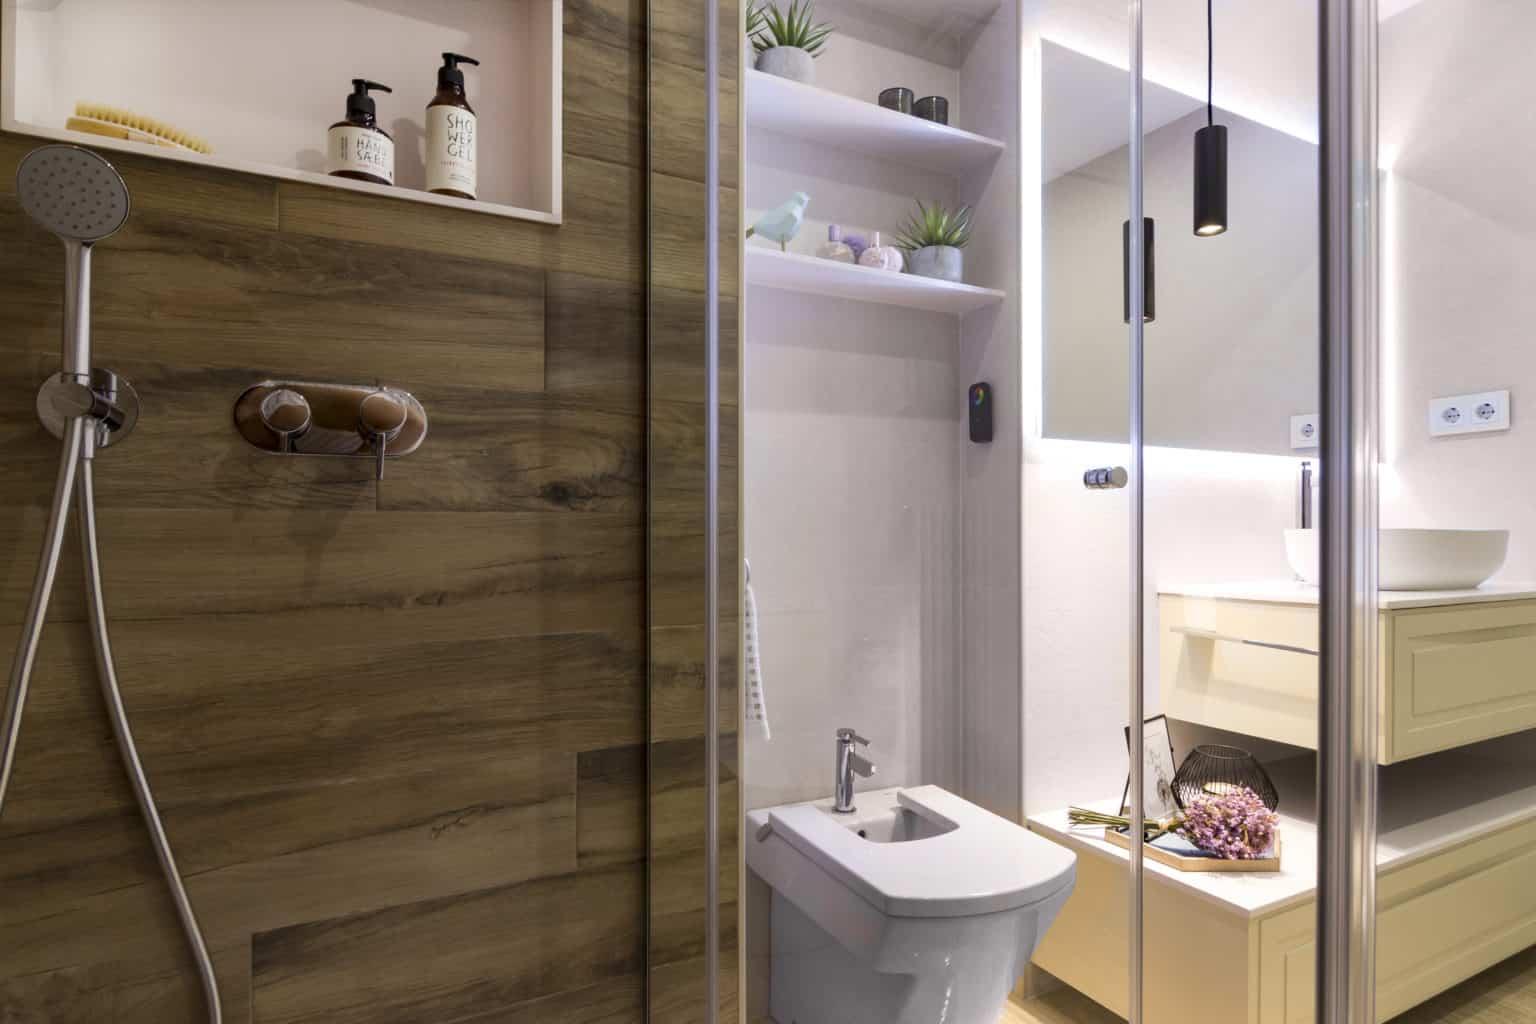 reforma de baño en barcelona, enca interiors, reformas baños barcelona